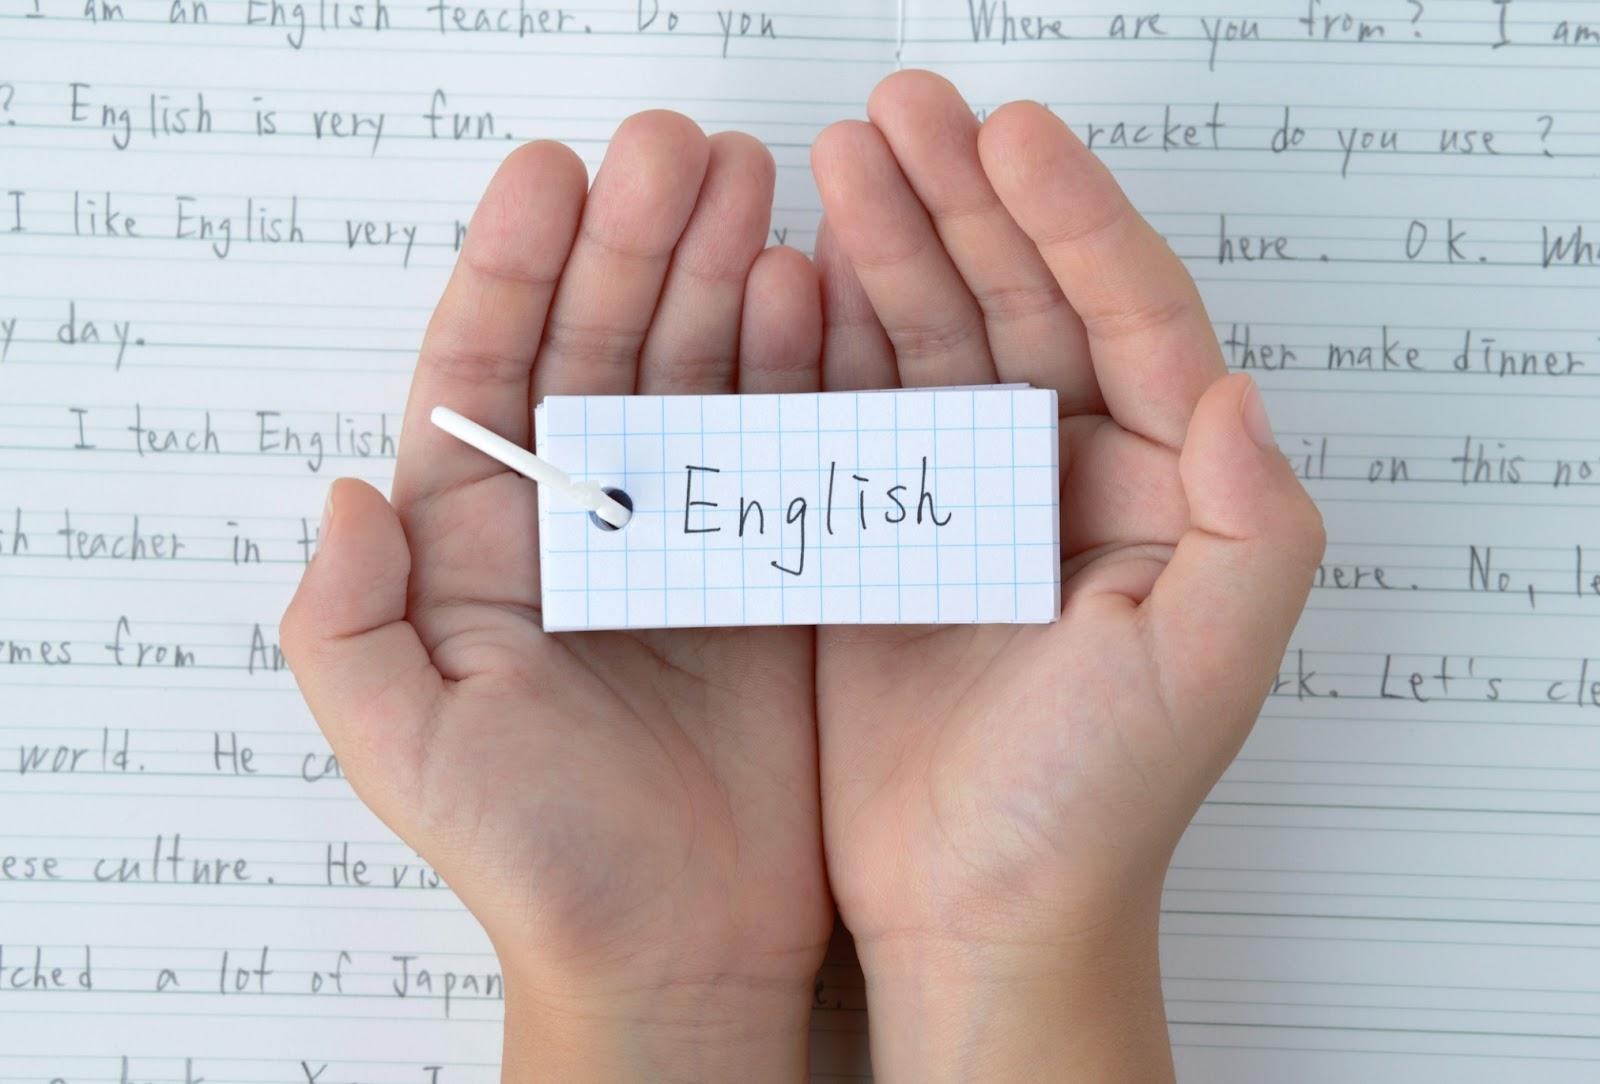 Estudante admirando suas anotações em inglês, feitas em suas aulas de inglês para iniciantes.